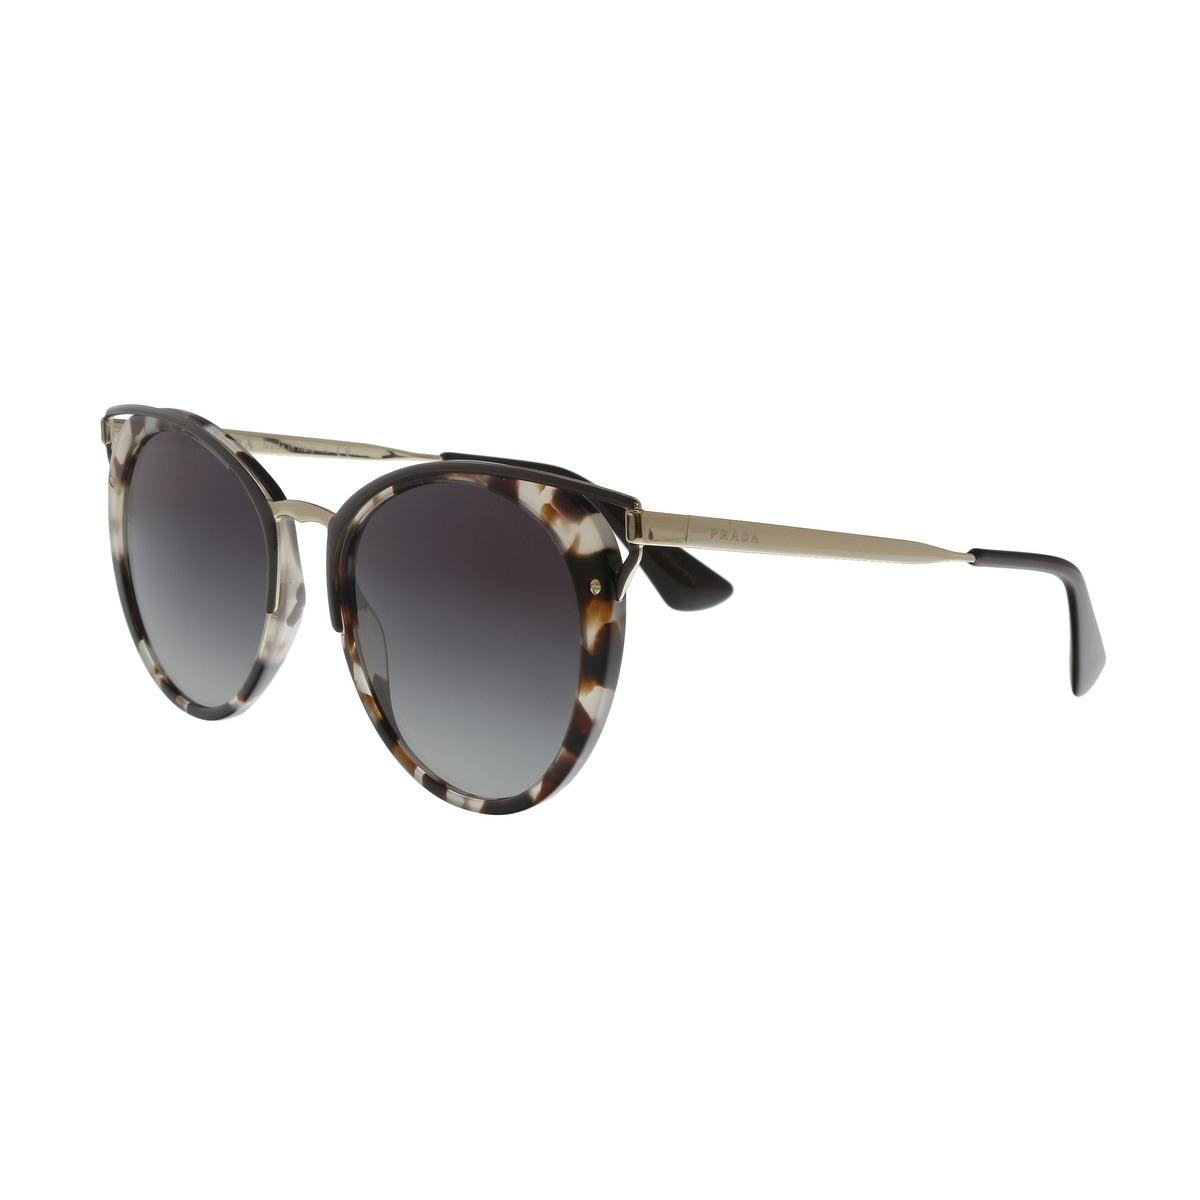 83e38089471 Prada Women s Sunglasses